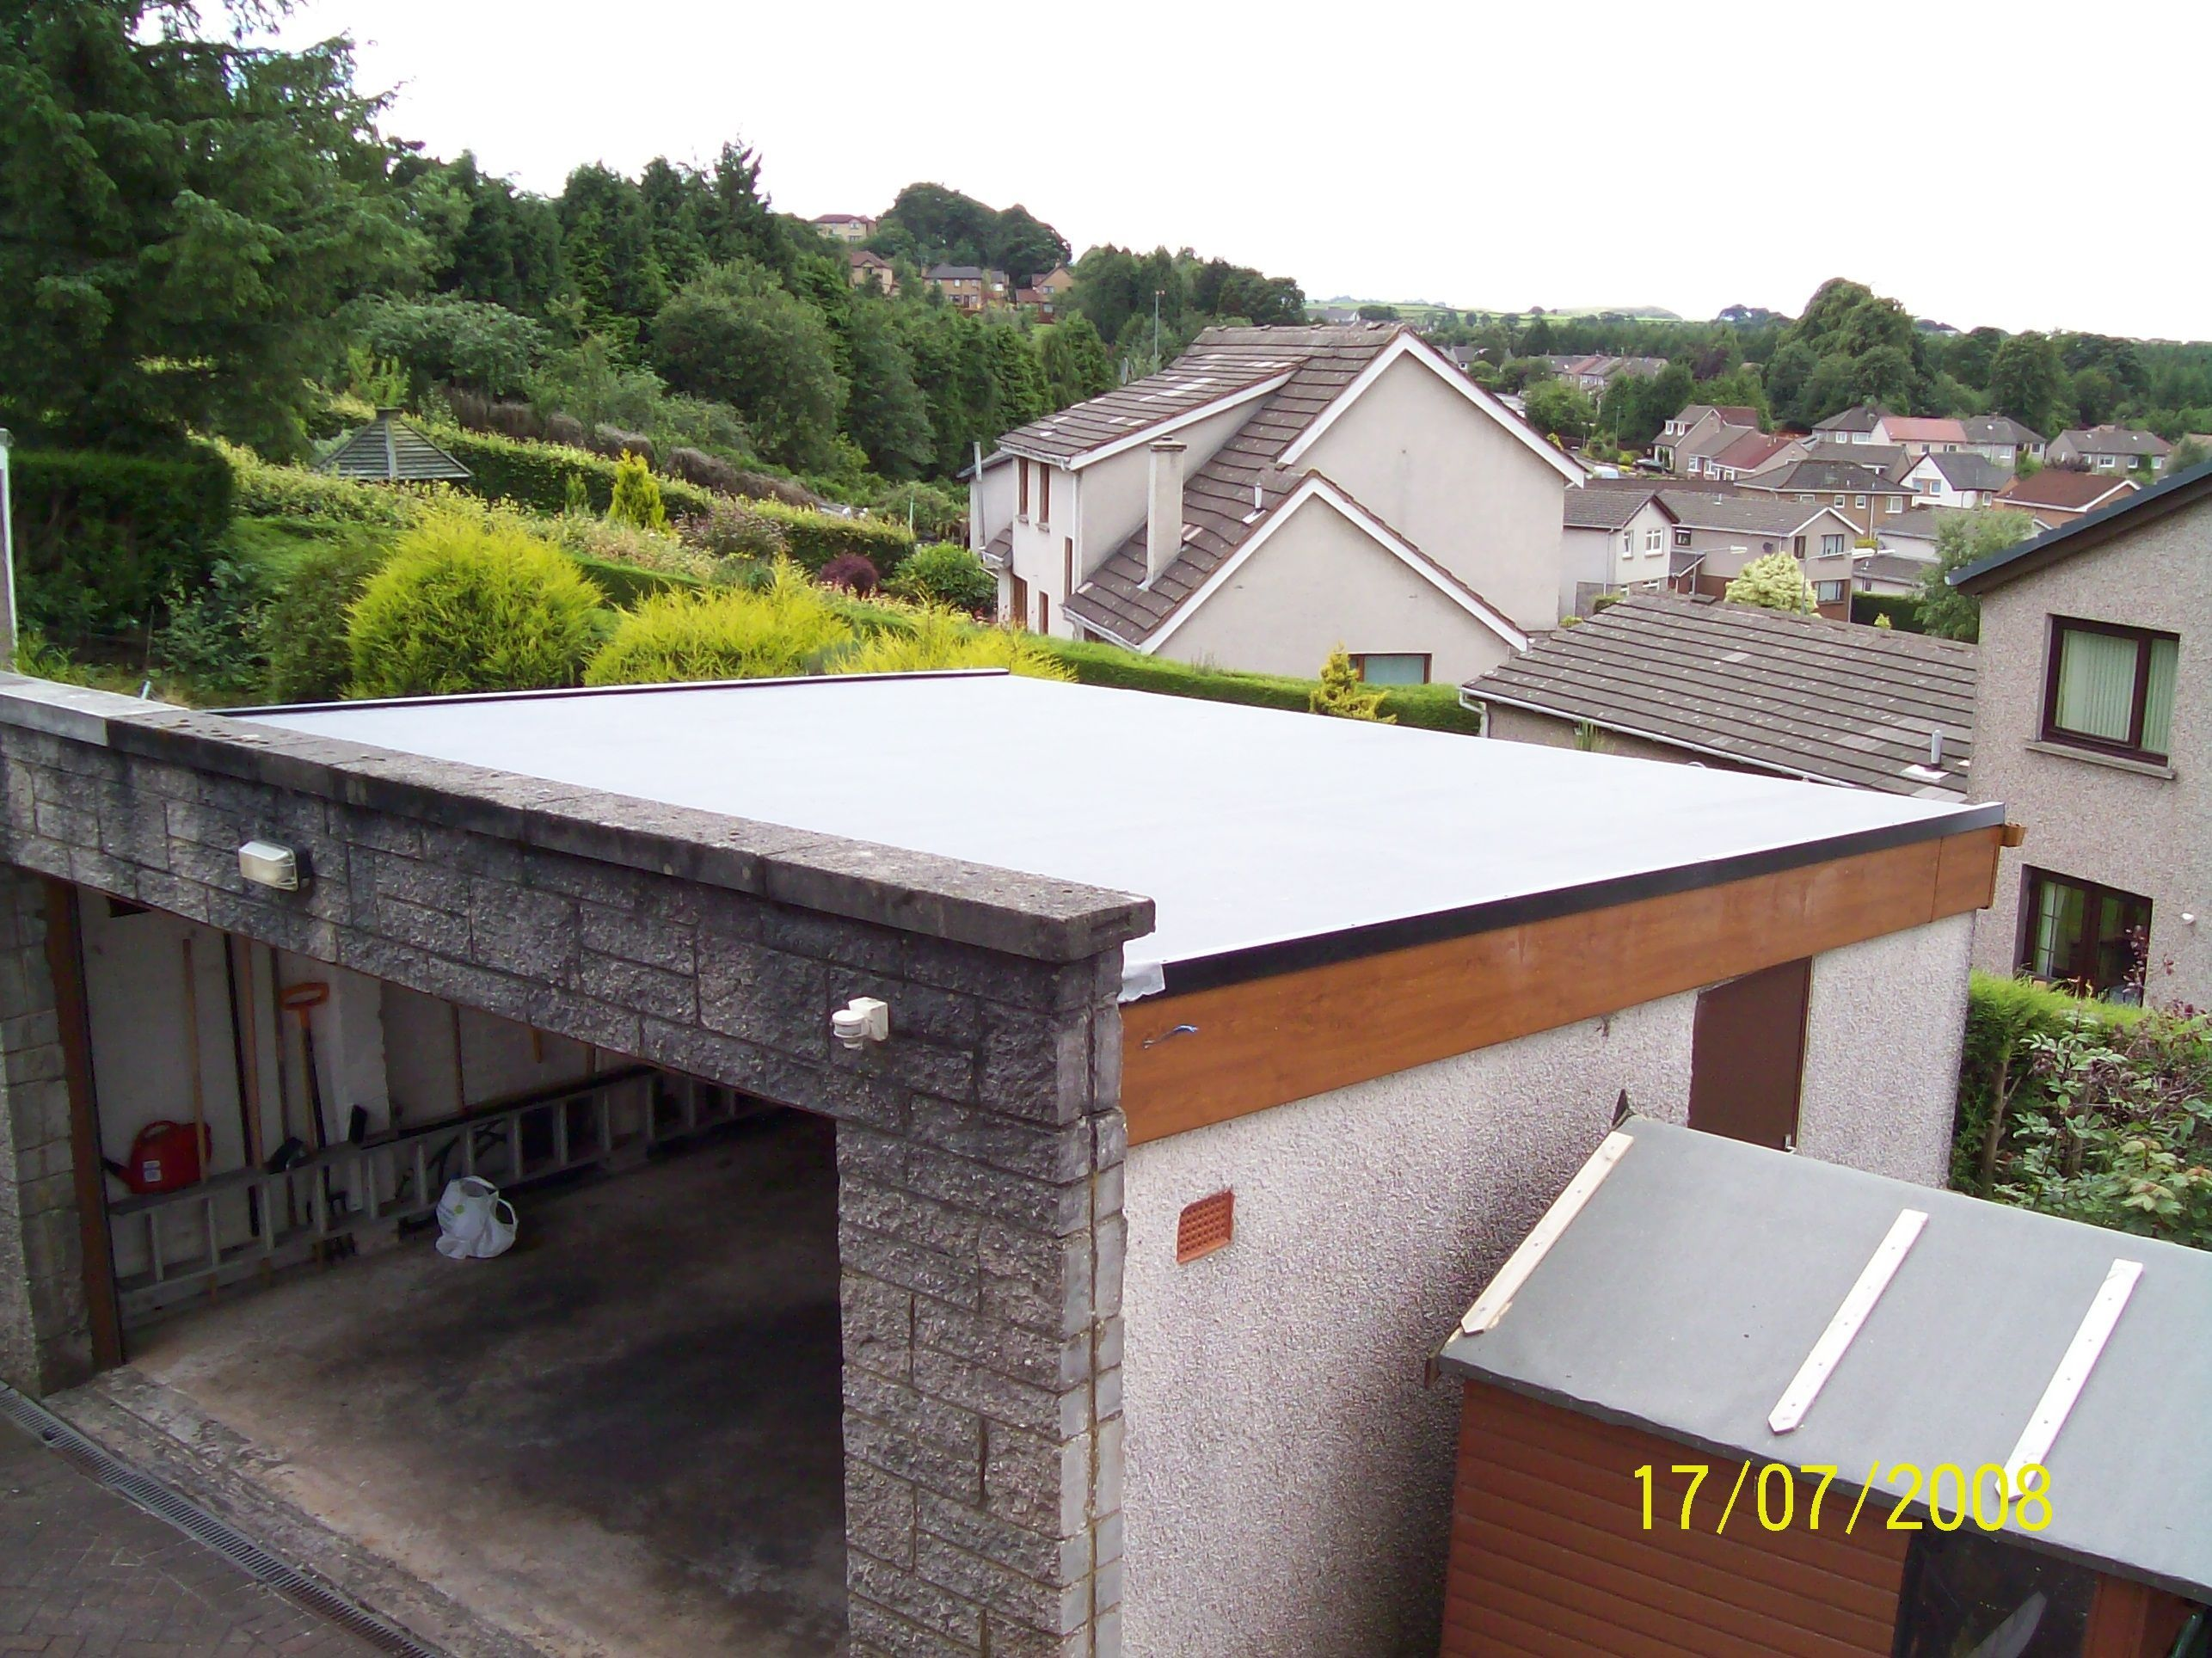 Garage Flat Roof Flatroofrepairideas Flat Roof Flat Roof Repair Roof